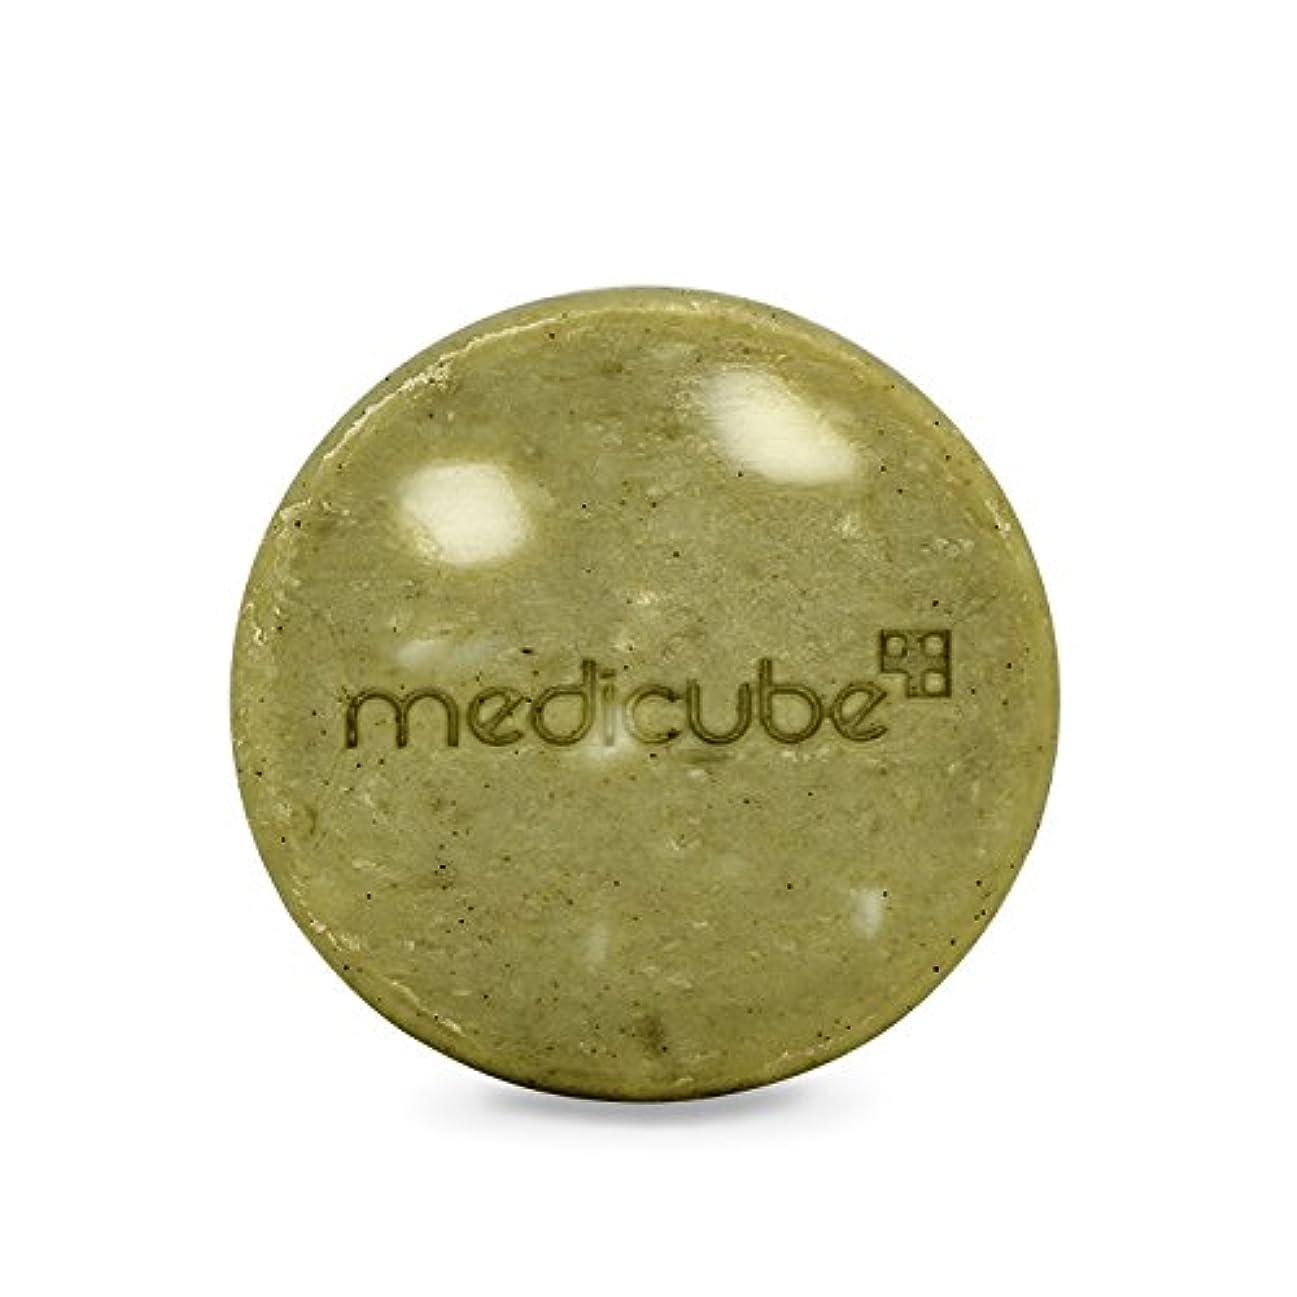 まさに時折鮮やかな[Medicube]Red Body Bar / メディキューブレッドボディバー / 正品?海外直送商品 [並行輸入品]